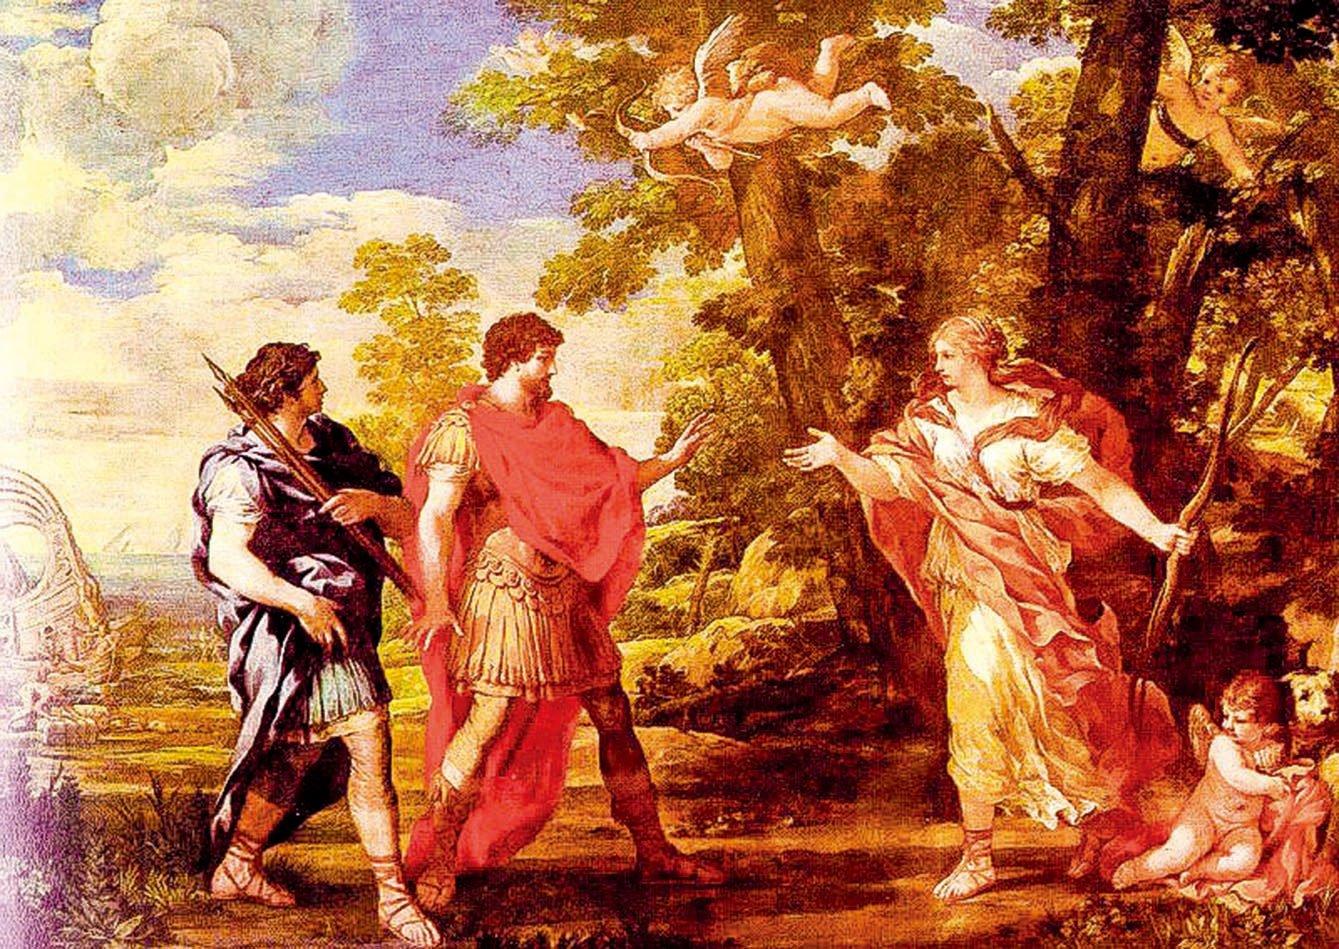 科爾托納的作品《維納斯以女獵人形象出現在埃涅阿斯面前》(Venus as Huntress Appears to Aeneas),布面油畫,藏於巴黎羅浮宮。(公有領域)